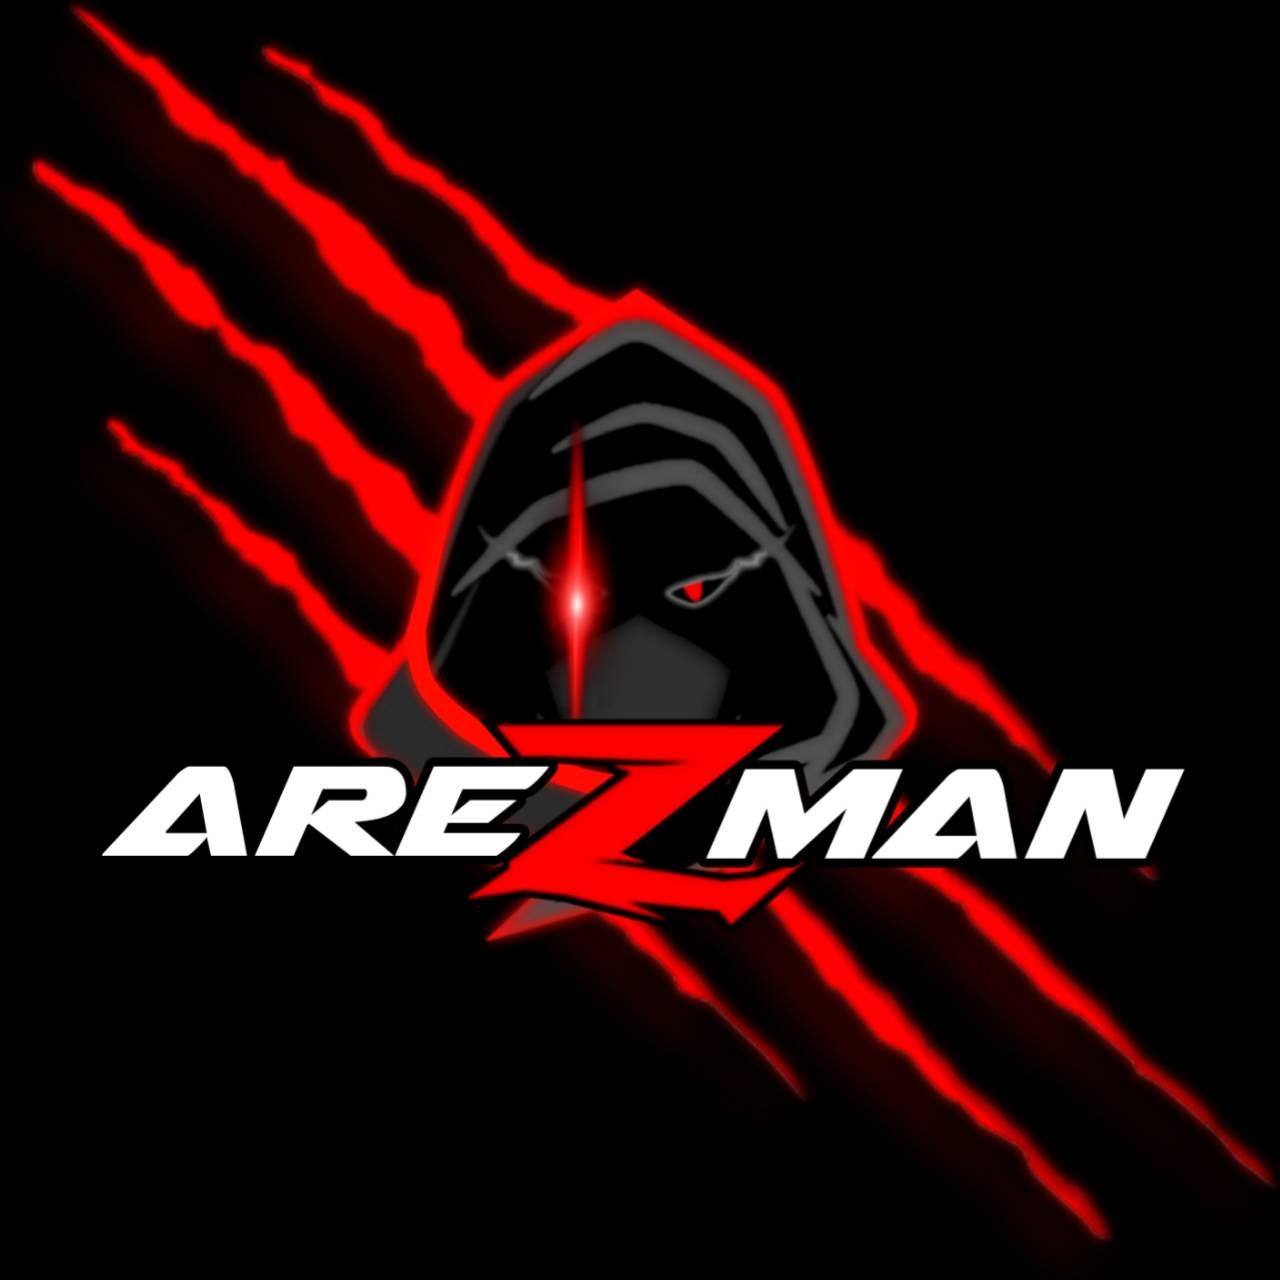 Arezman